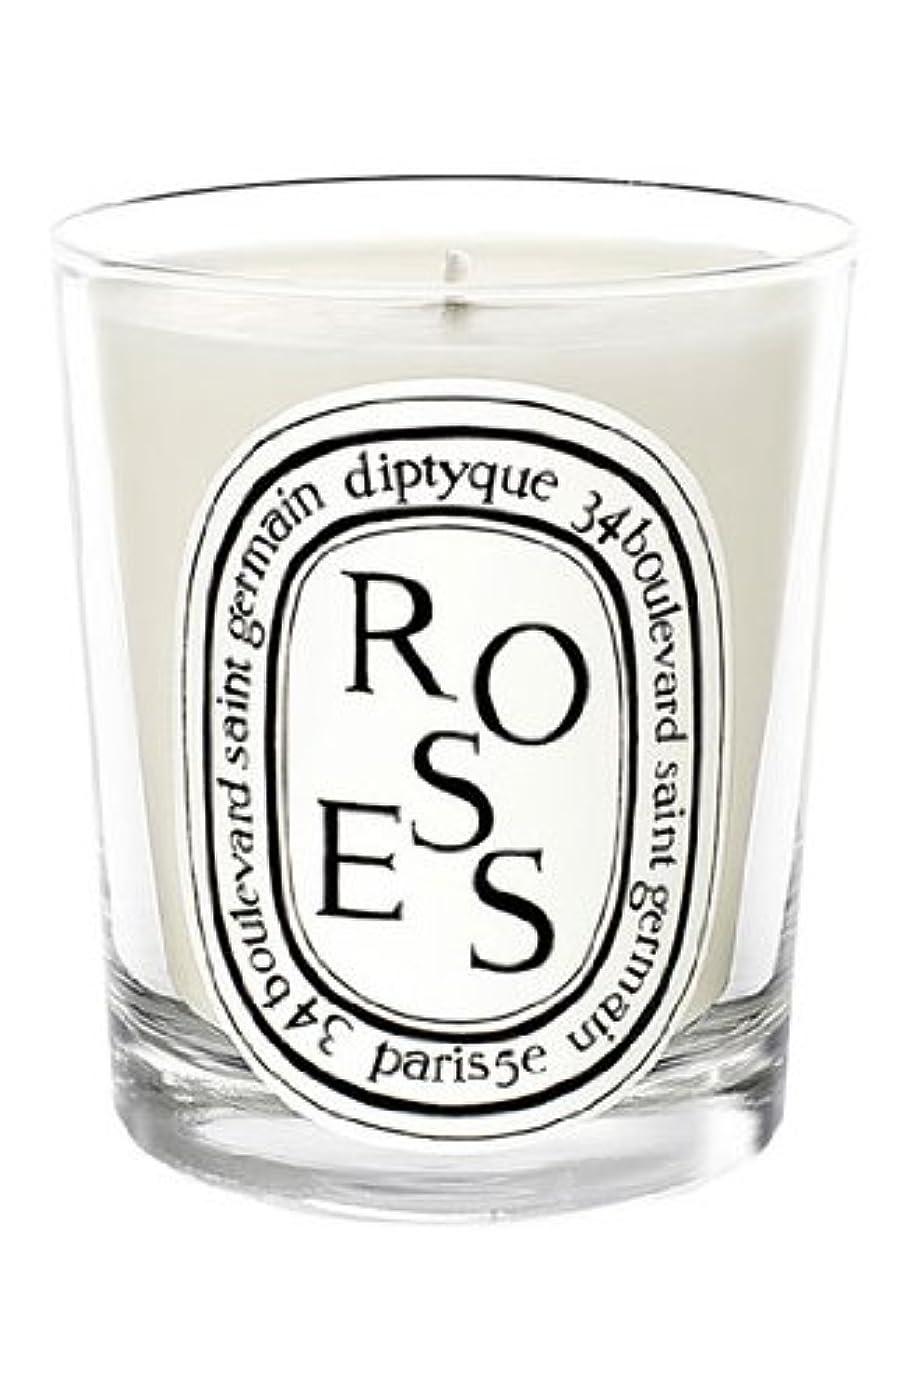 素晴らしさ自宅で要旨Diptyque - Roses Candle (ディプティック ロージーズ キャンドル) 70 g